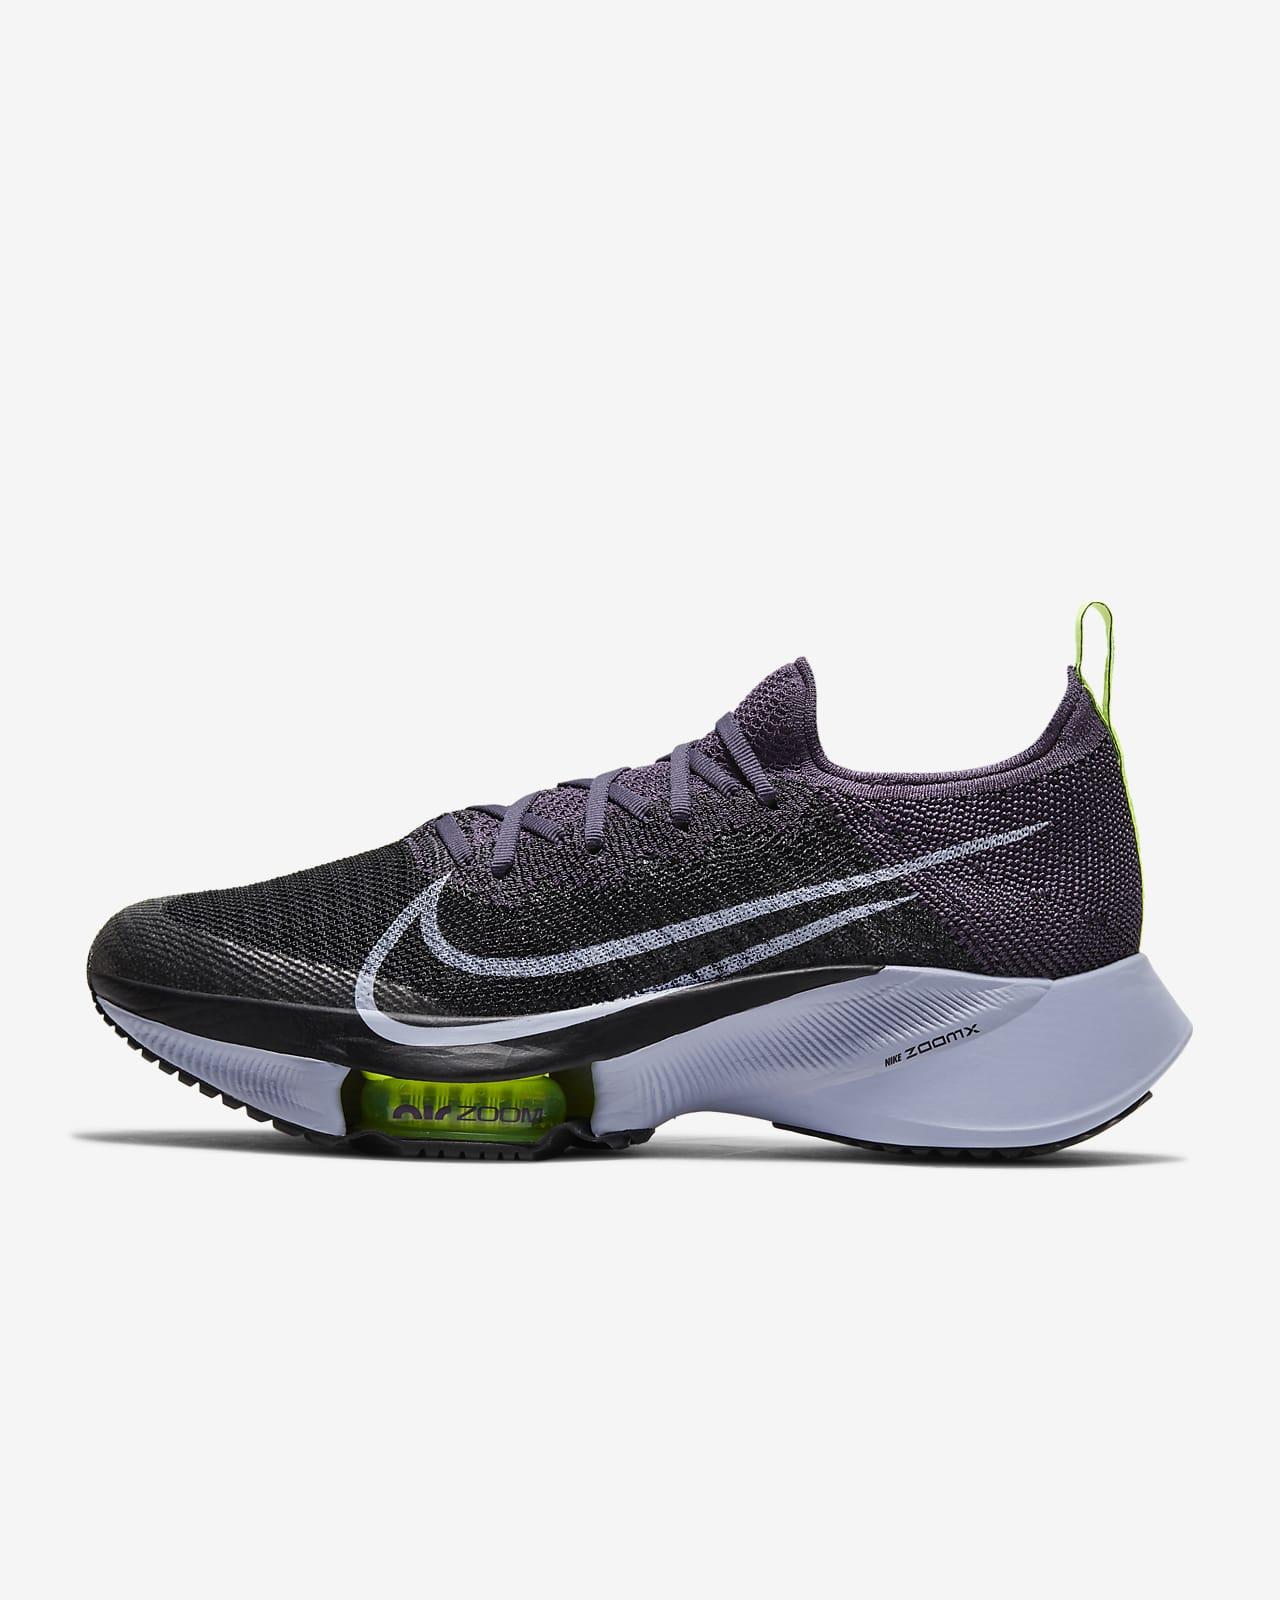 Γυναικείο παπούτσι για τρέξιμο Nike Air Zoom Tempo NEXT%